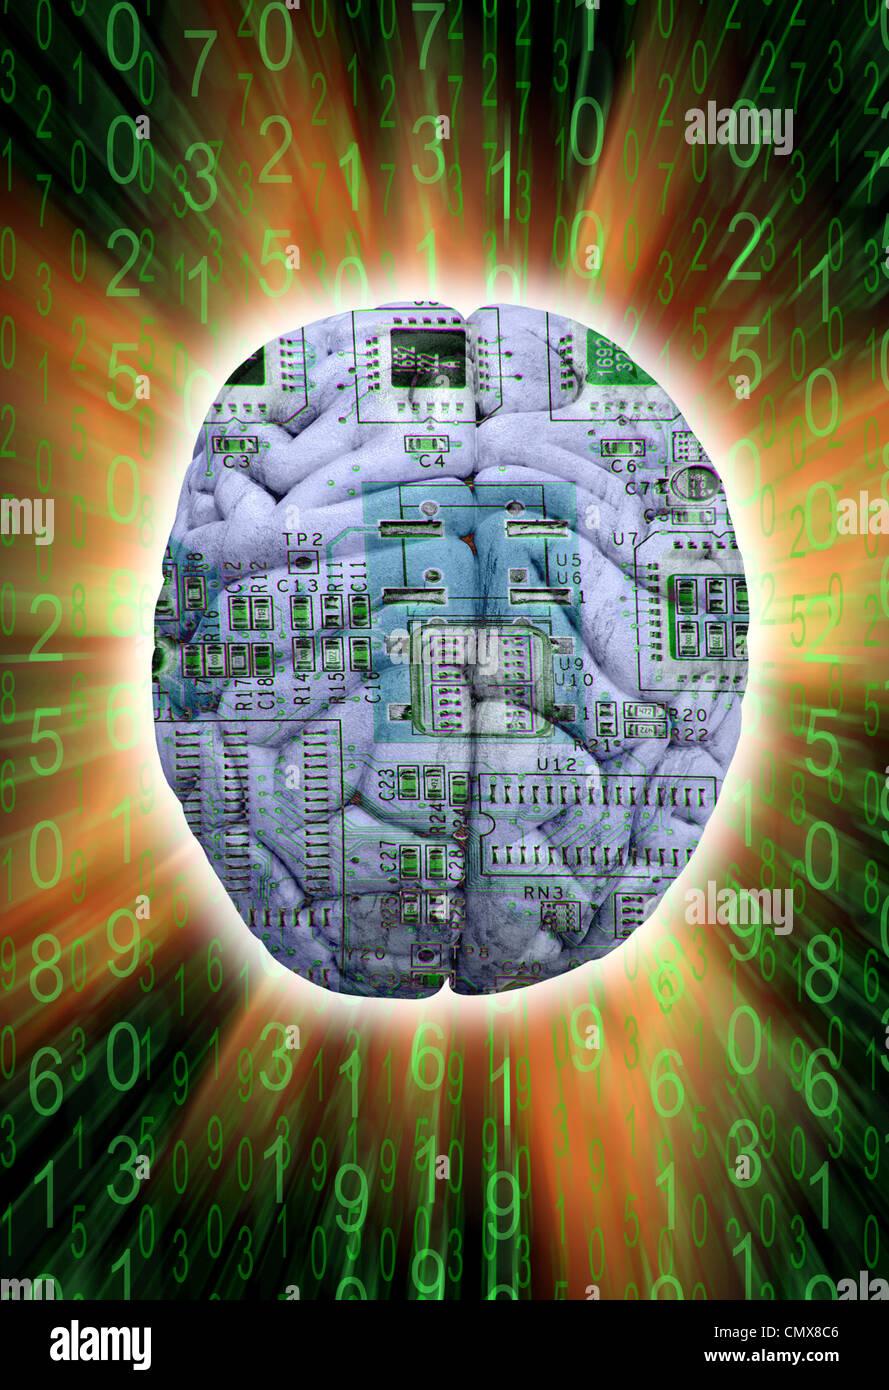 Placa de circuito en un cerebro que simboliza la inteligencia artificial. Foto de stock